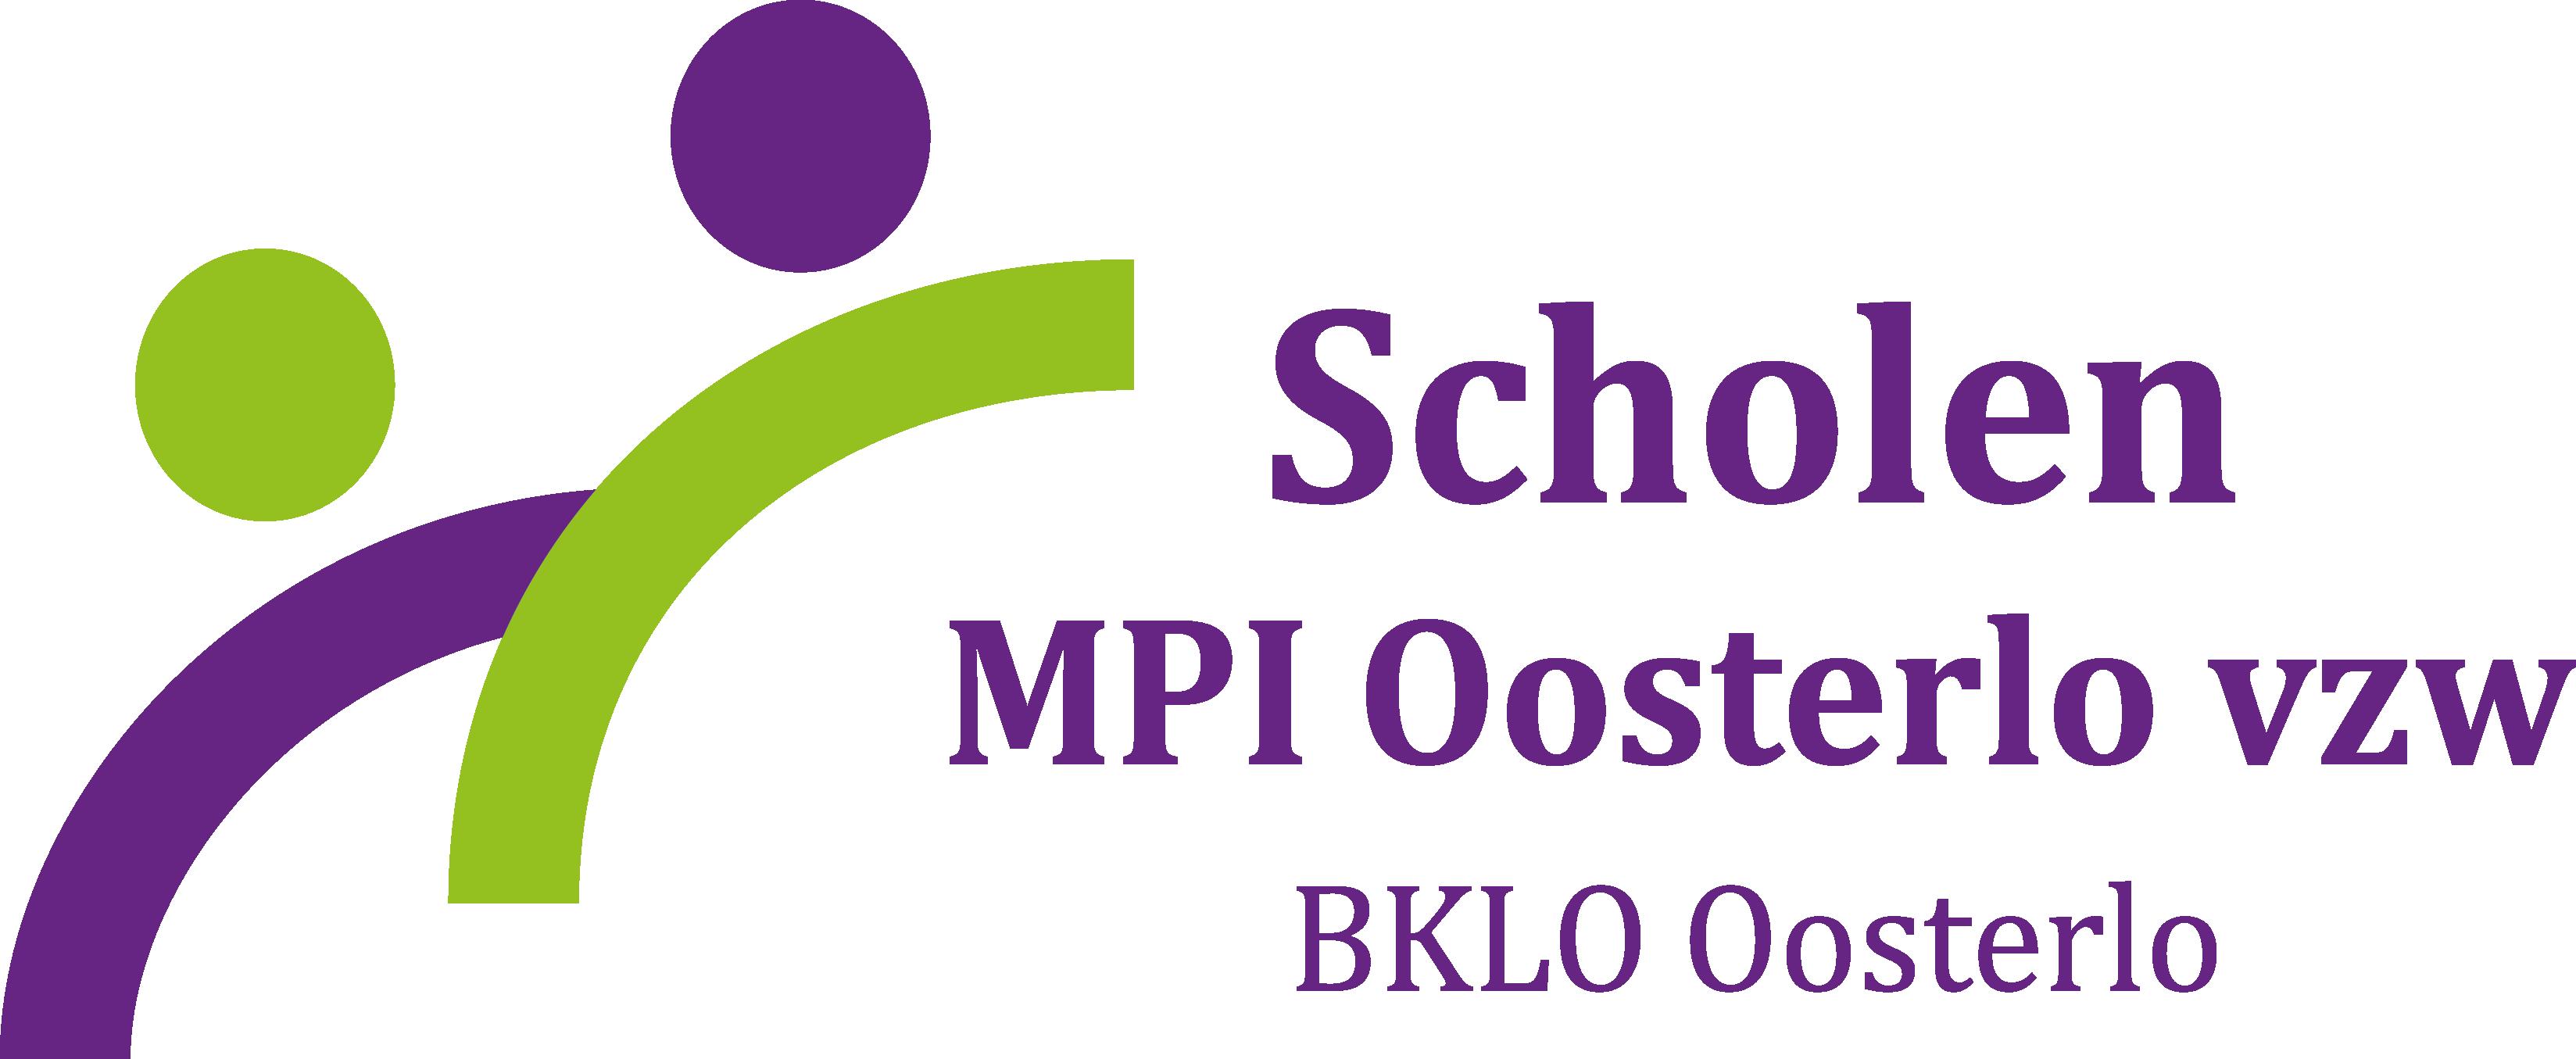 BKO-BLO Oosterlo